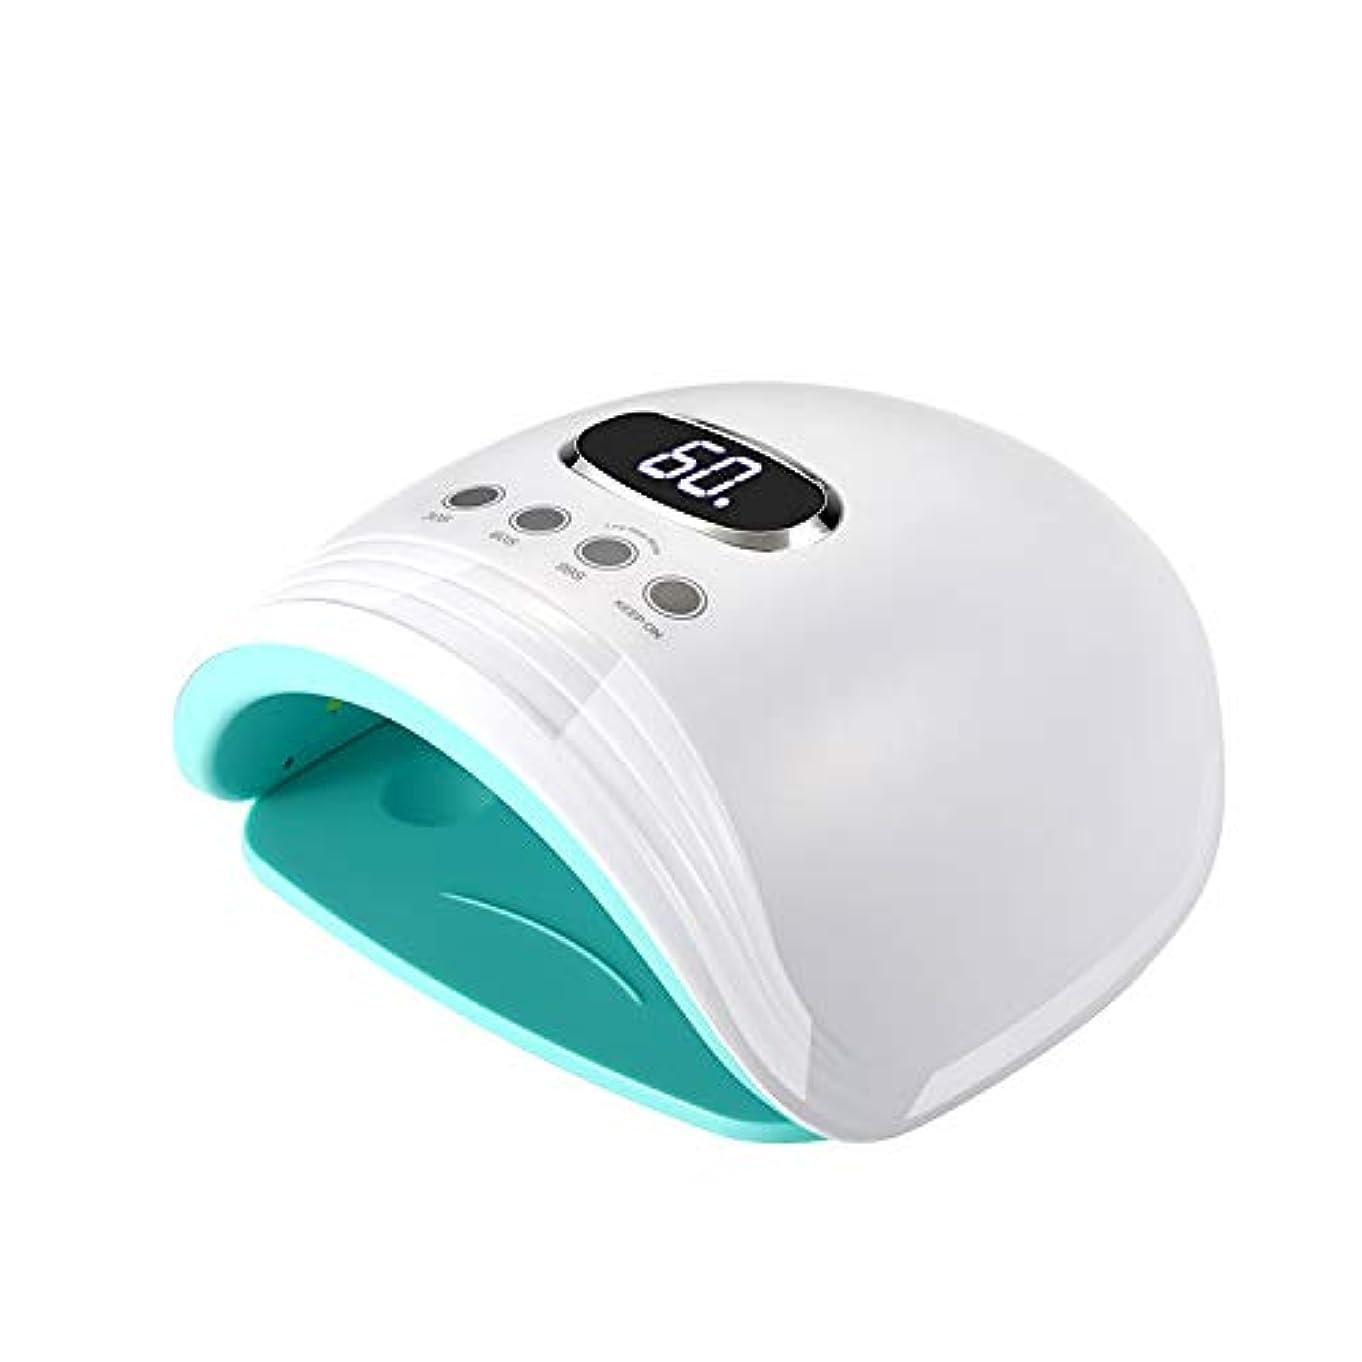 品リスク振る舞い60W UV LEDネイルランプネイルドライヤー+ホワイトニングランプ、1 in 2プロフェッショナルケアドライヤー、スマートオートセンシング付きゲルパイプビルダー3タイマー設定LCDディスプレイ